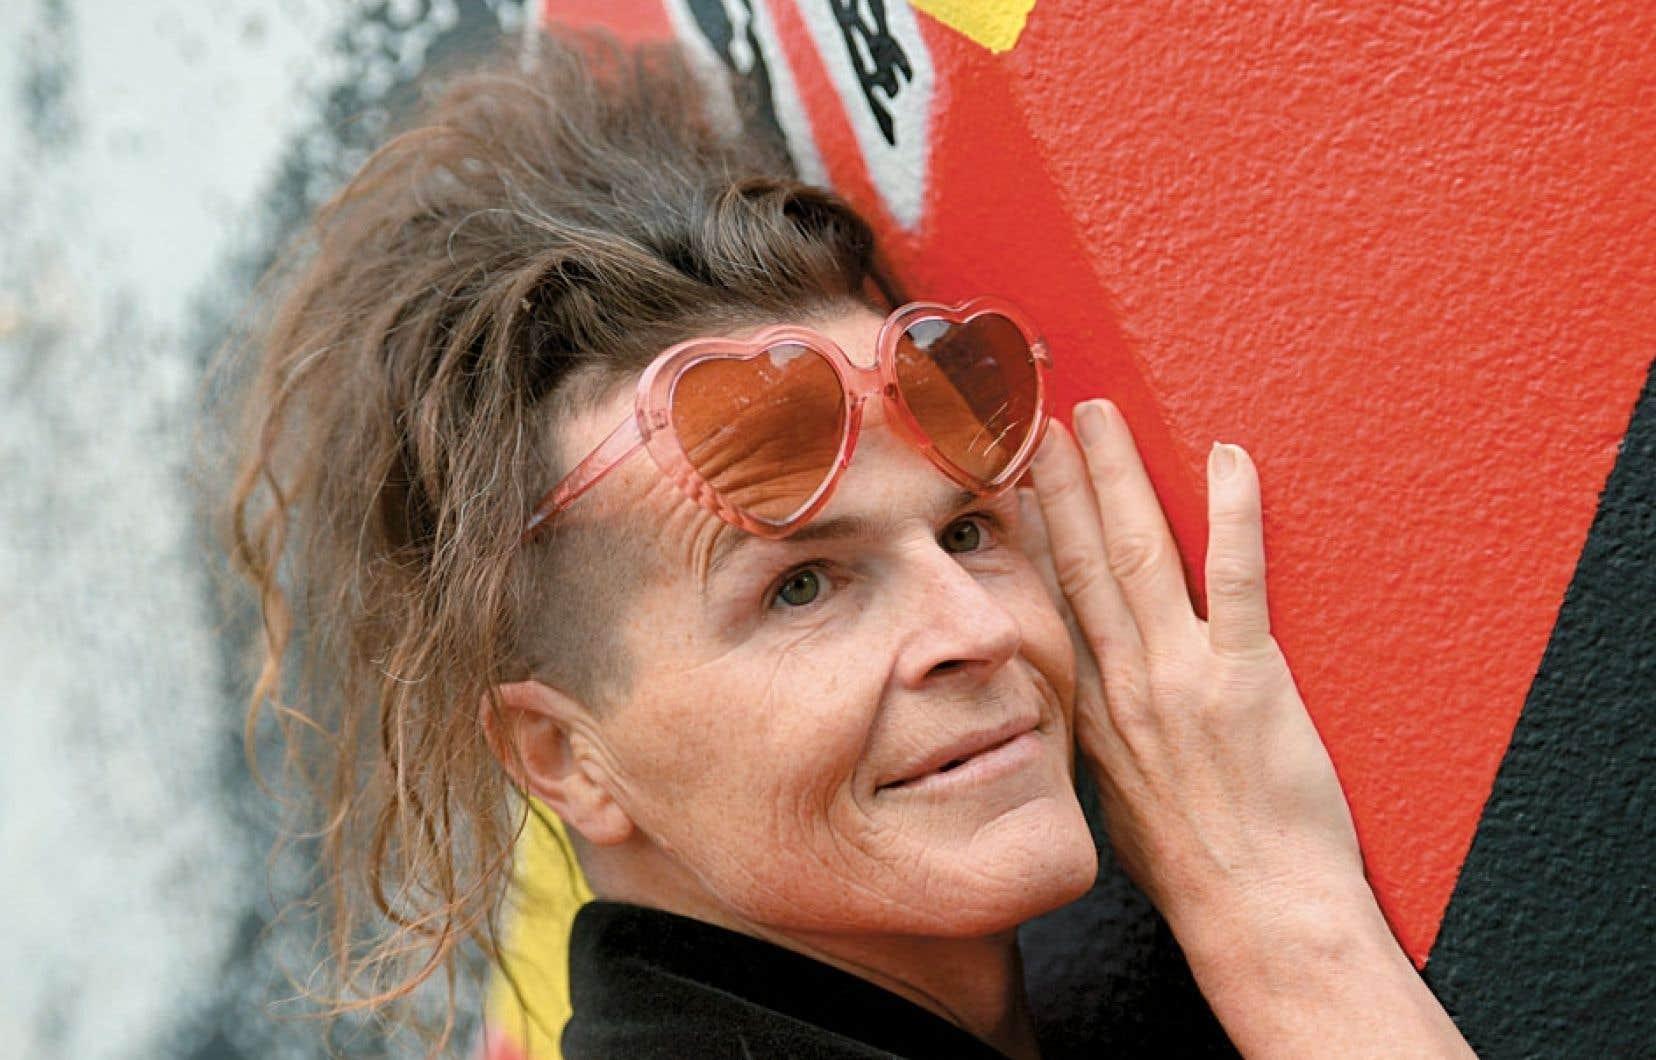 <strong>Norrie</strong> : En Australie, cette personne qui se fait appeler Norrie et refuse de s'identifier comme un homme ou une femme a remporté en juin 2013 une bataille juridique qui statue que le sexe ne peut être limité au seul féminin ou masculin.